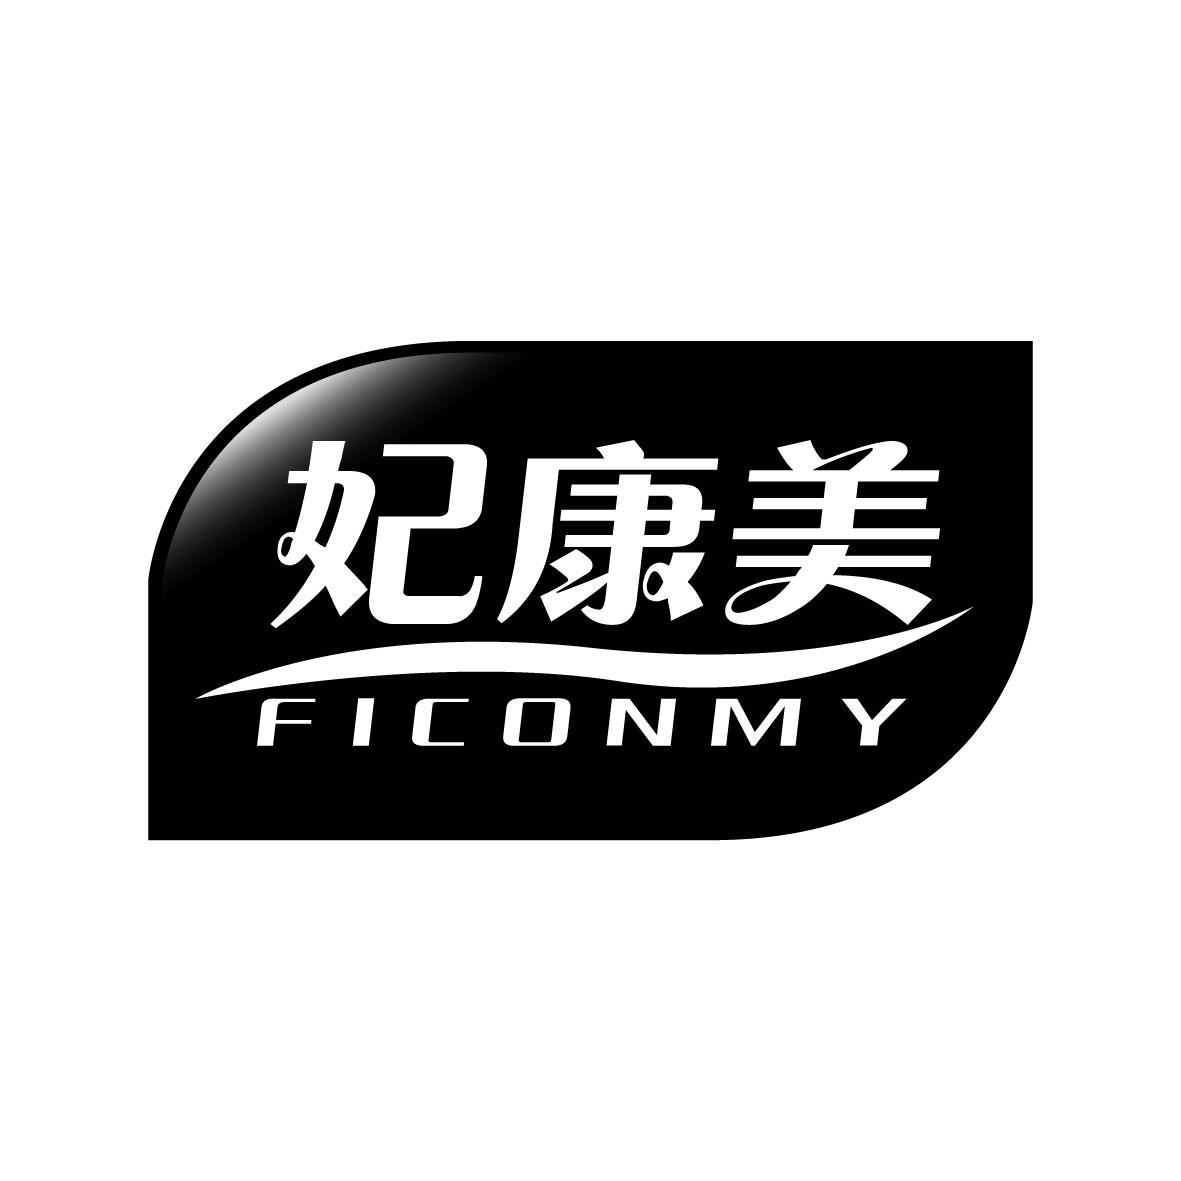 转让商标-妃康美 FICONMY